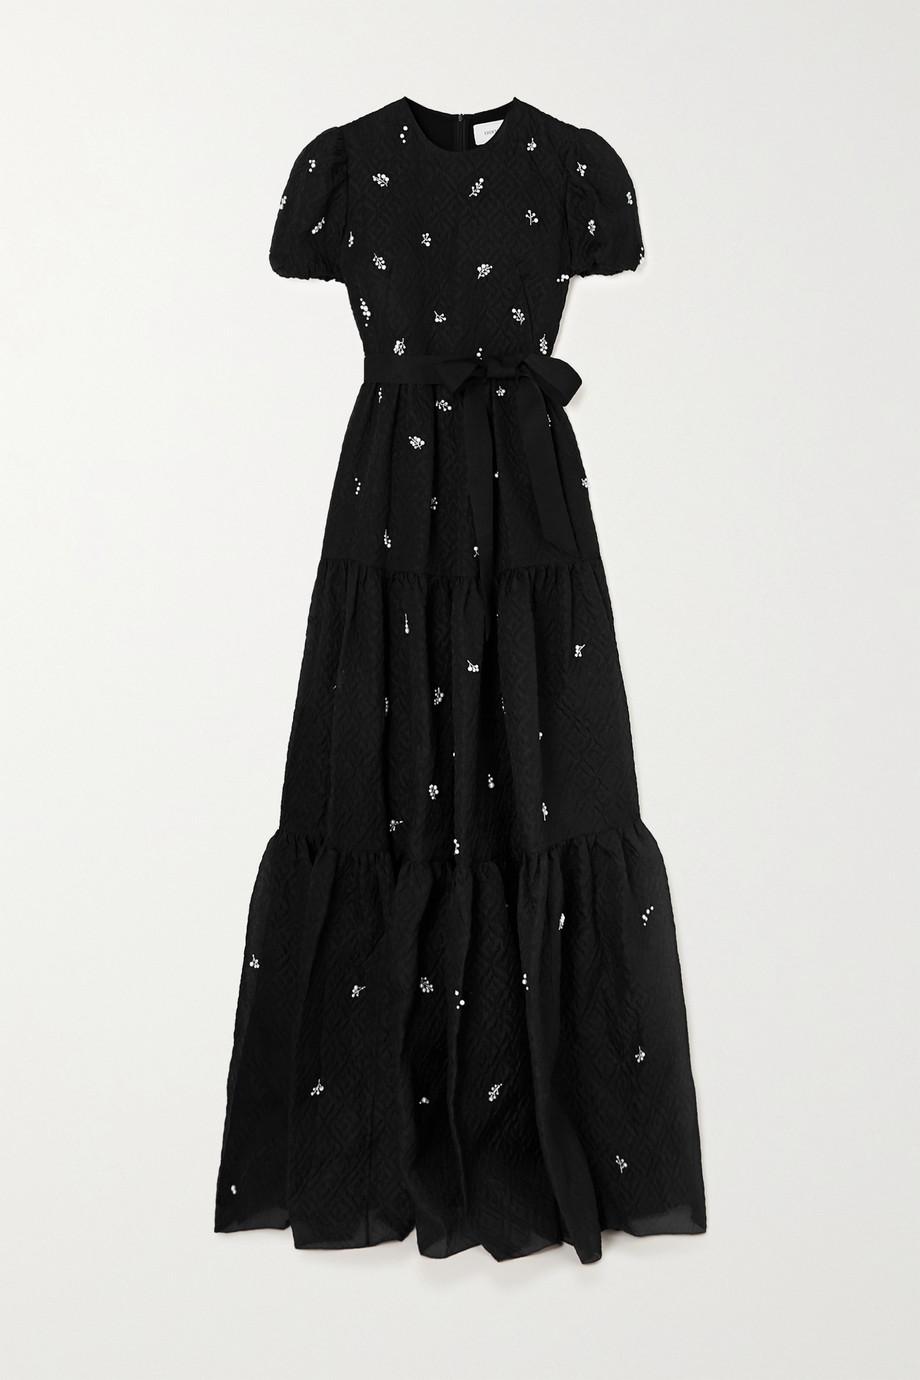 Erdem Embellished silk-blend cloqué gown